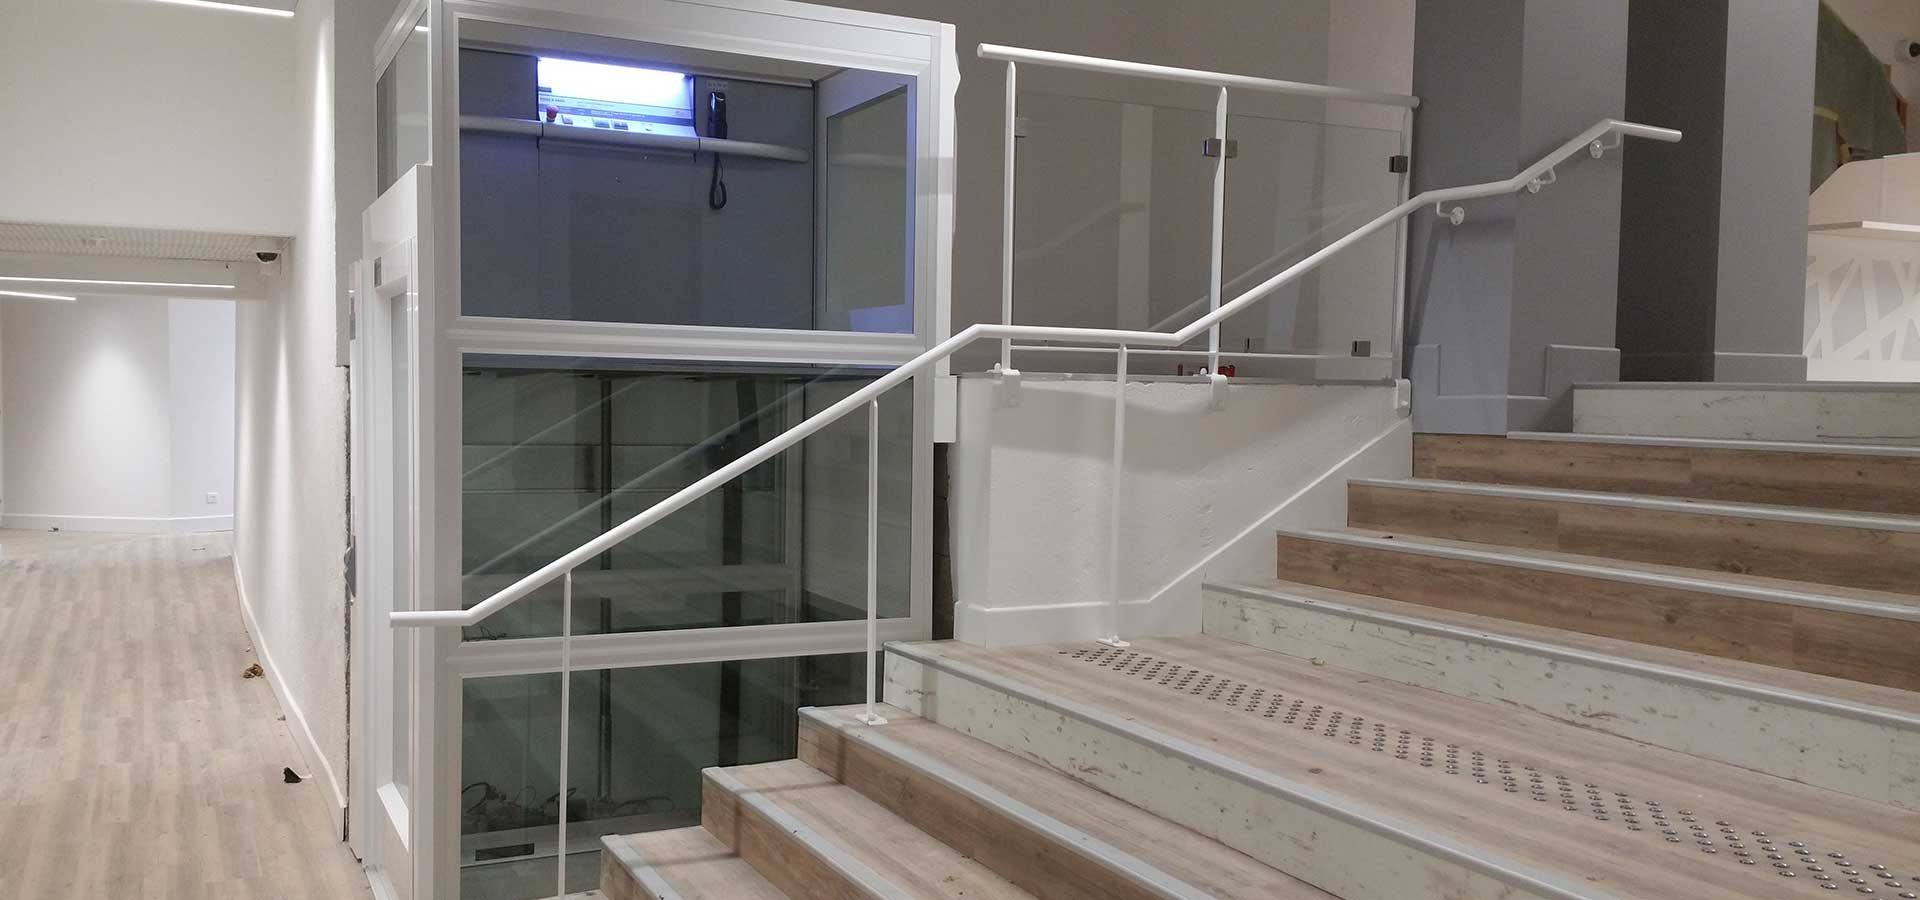 ABC LIFT LE spécialiste en élévateurs PMR plateformes élévatrices ascenseurs PMR en France